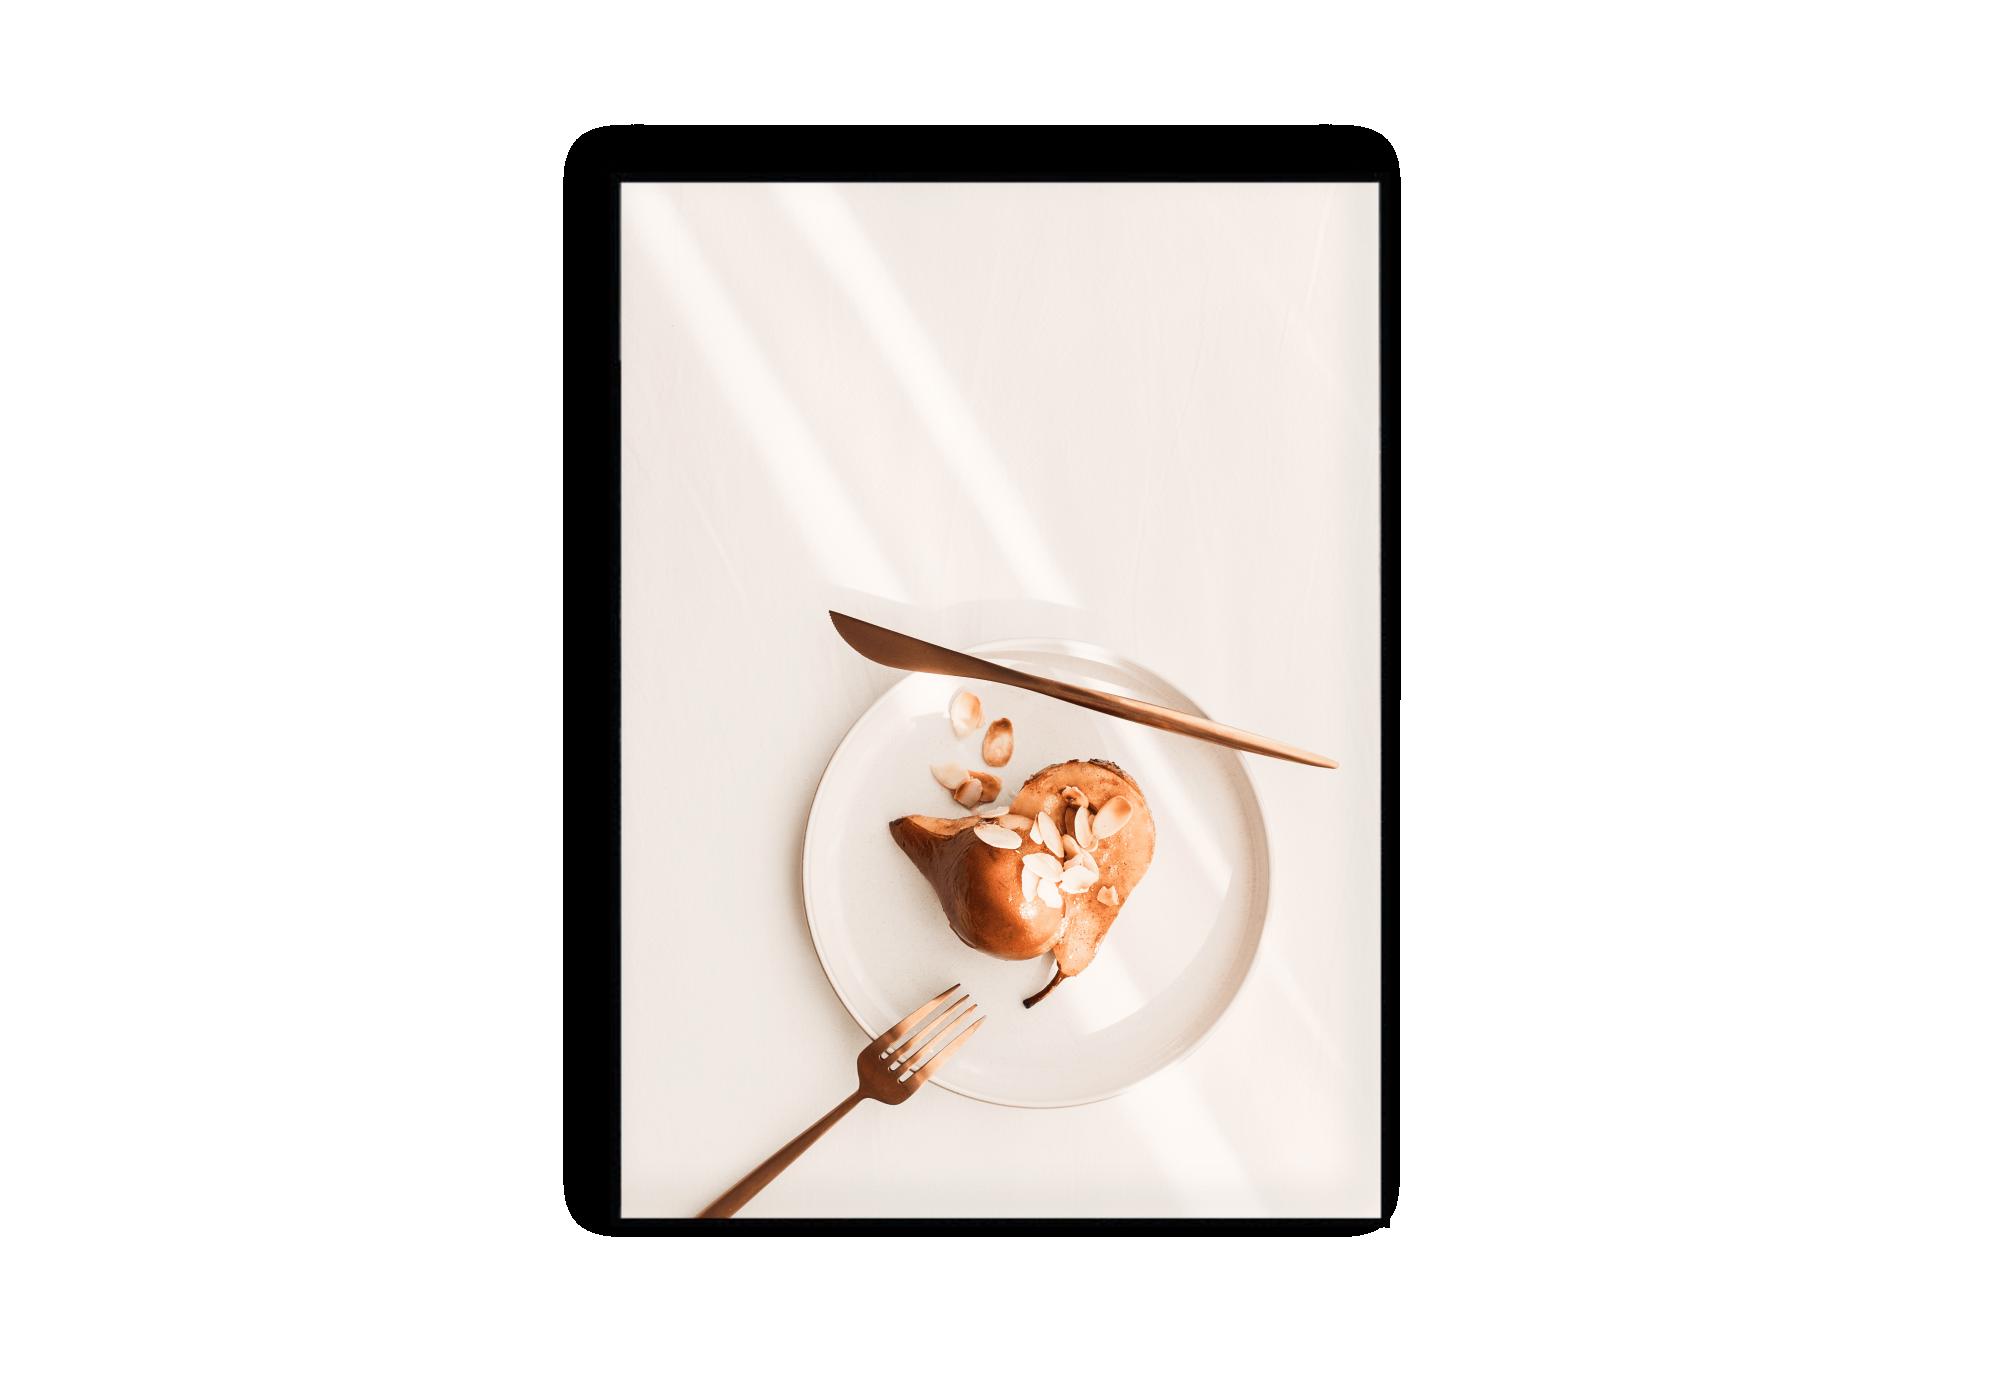 Photographie d'une assiette contenant une poire aux amandes éffilées coupée en deux. Une fourchette et un couteau couleur cuivre sont disposés autour de l'assiette blanche.